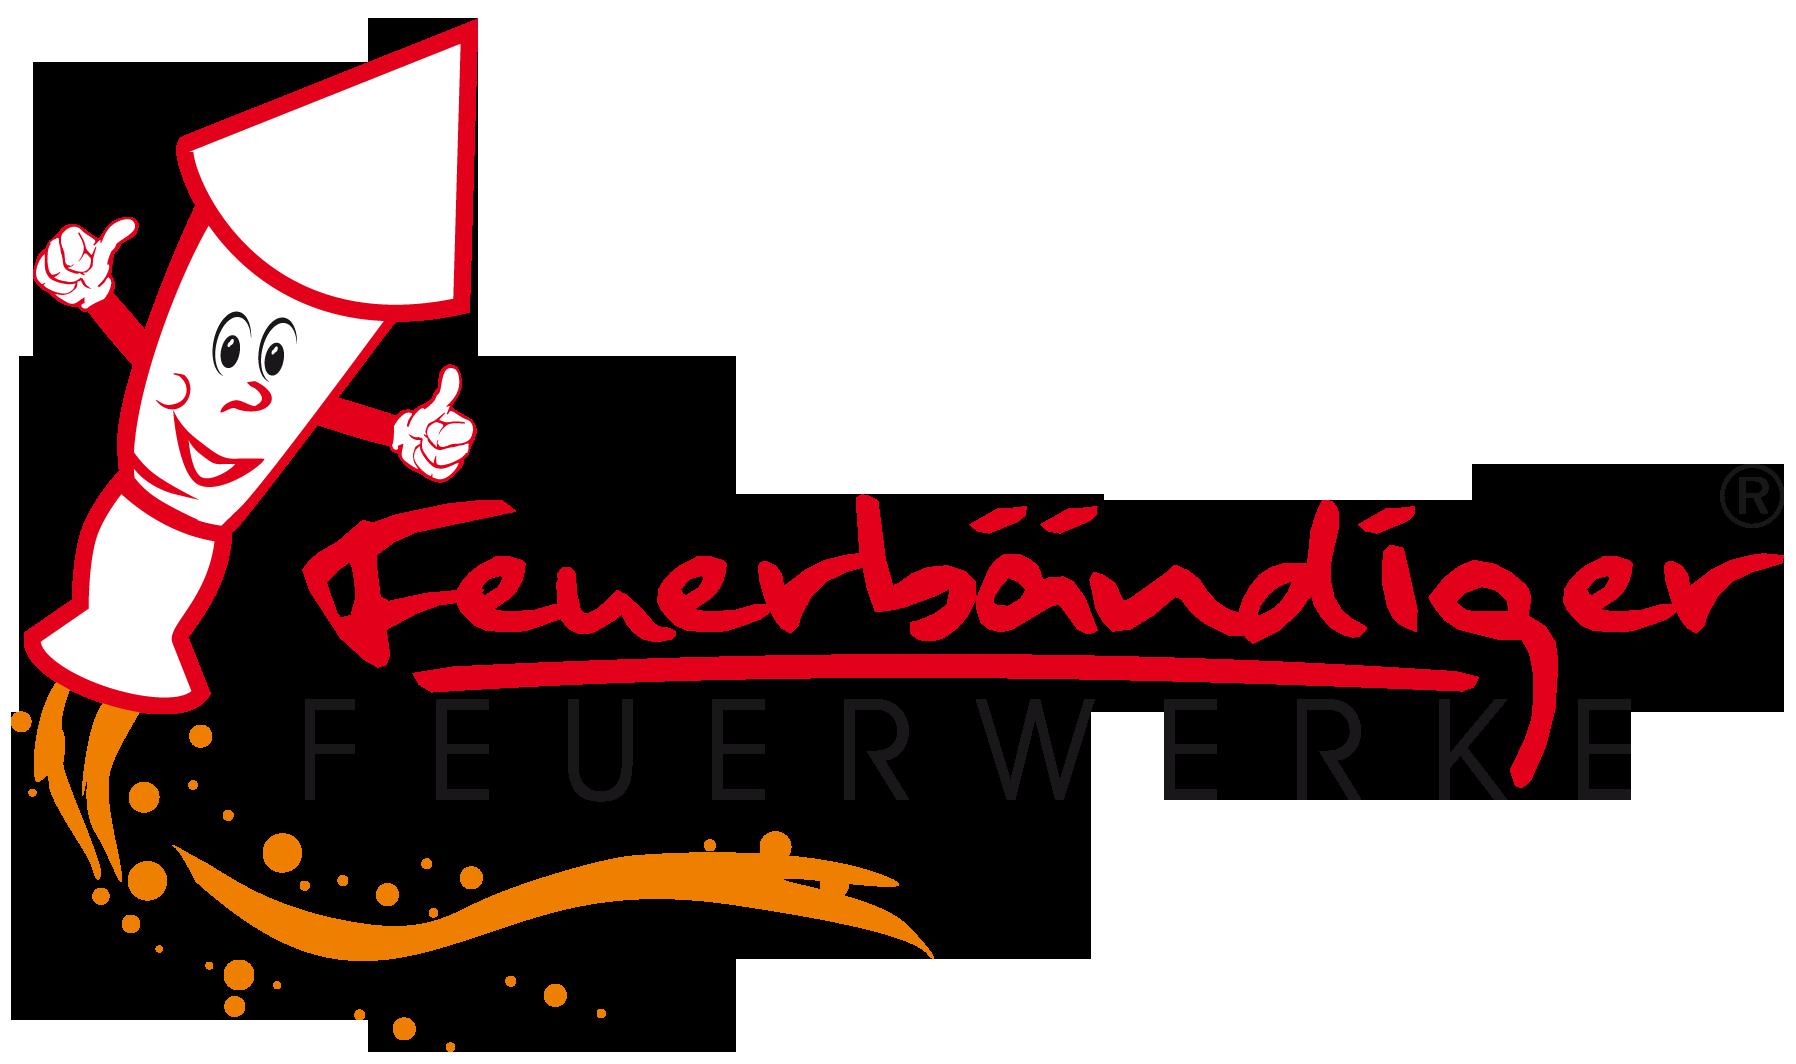 feuerbändiger_logo